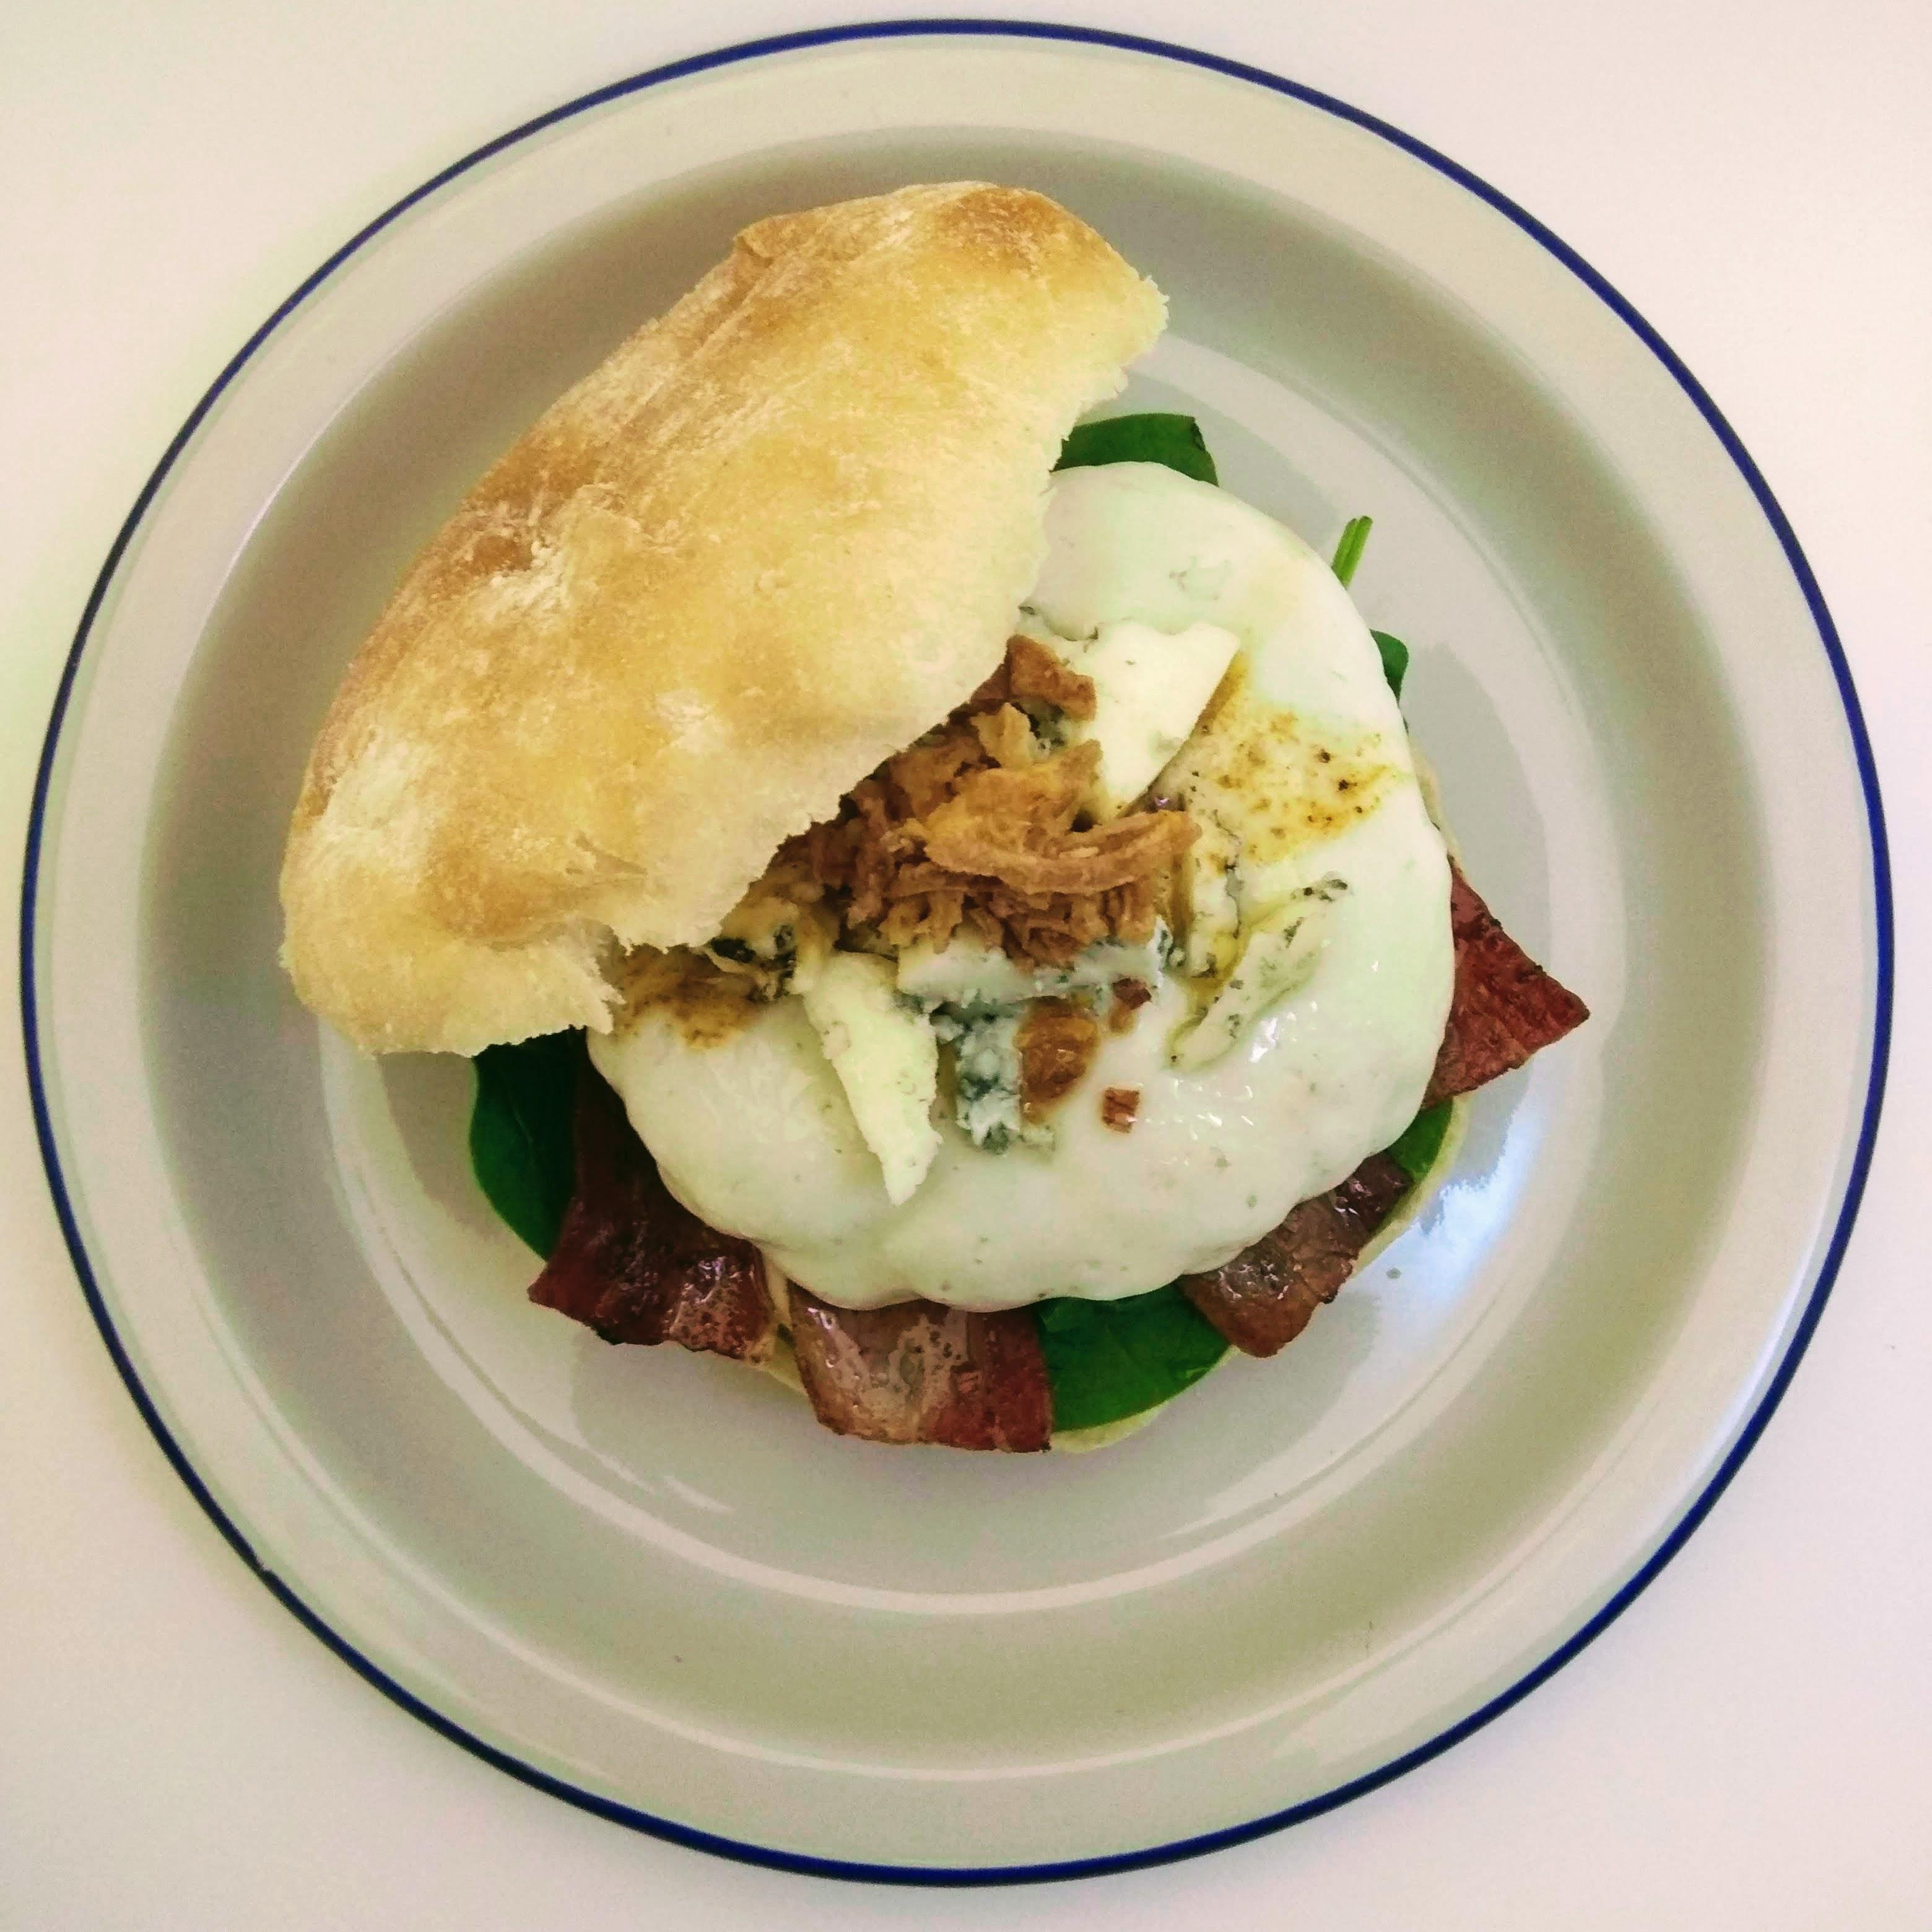 Receta de hamburguesa de ternera con espinacas, bacon y queso. Descúbrela en: www.cocinandoconlola.com